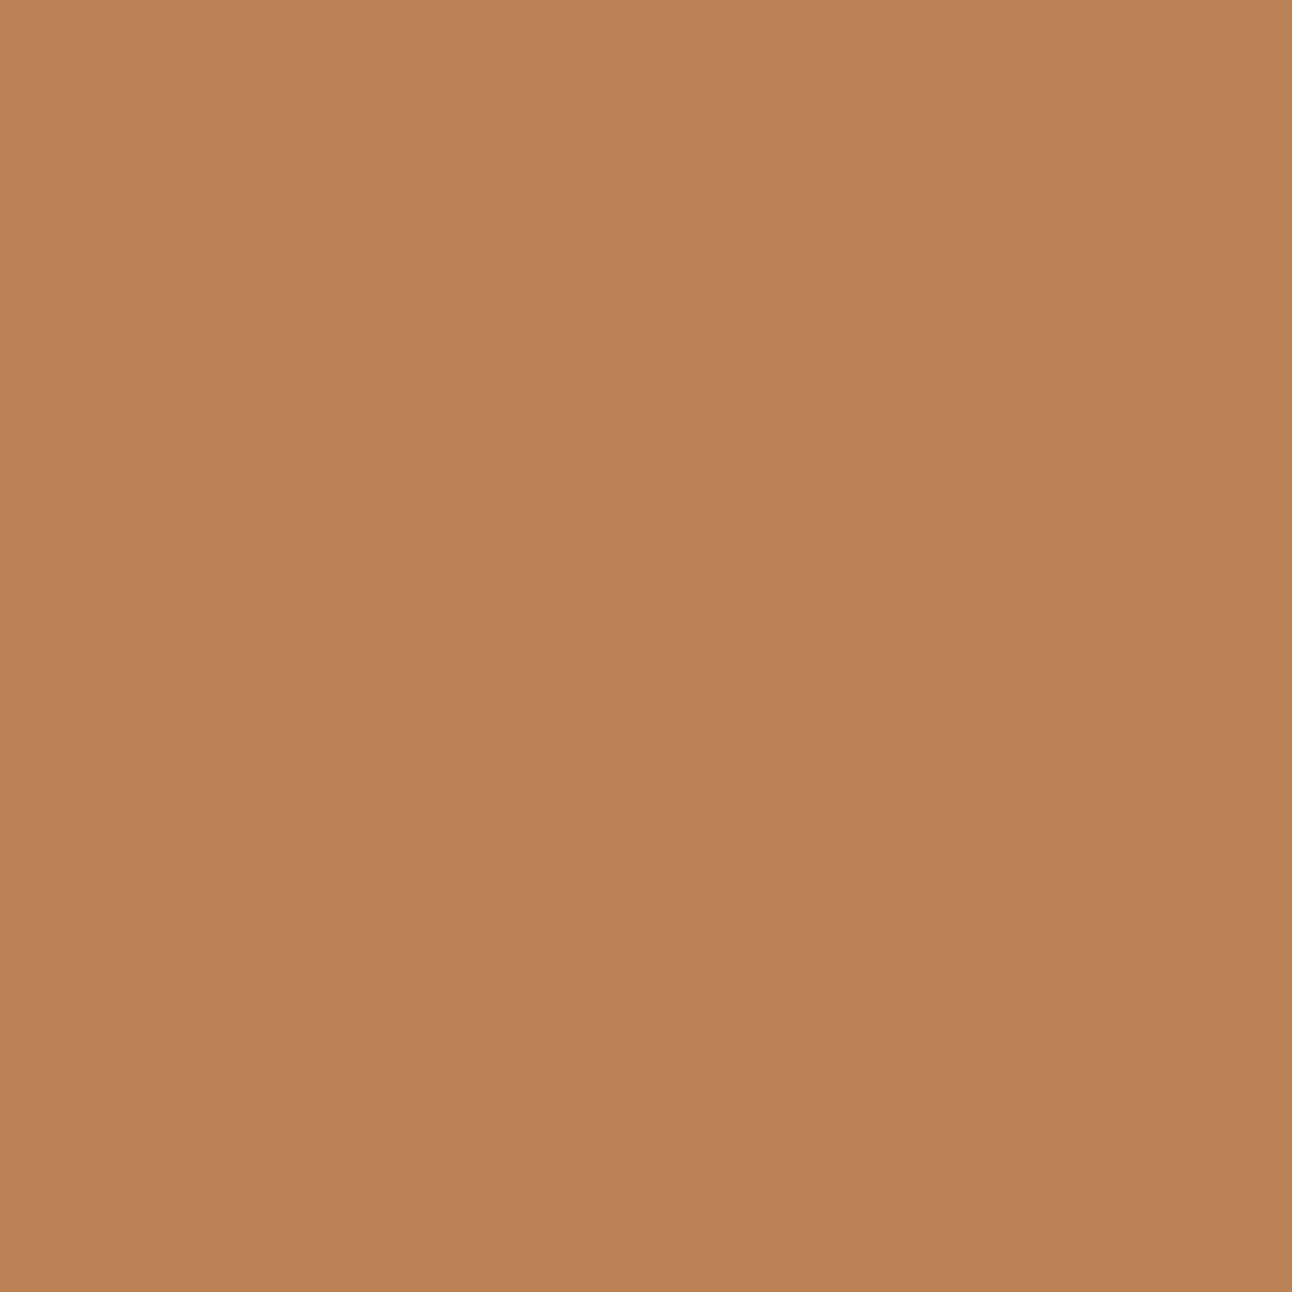 サーフィンデモンストレーションカプラーSANMIMORE(サンミモレ化粧品) UVパクト 54号ナチュラル (レフィル 替パフ付)